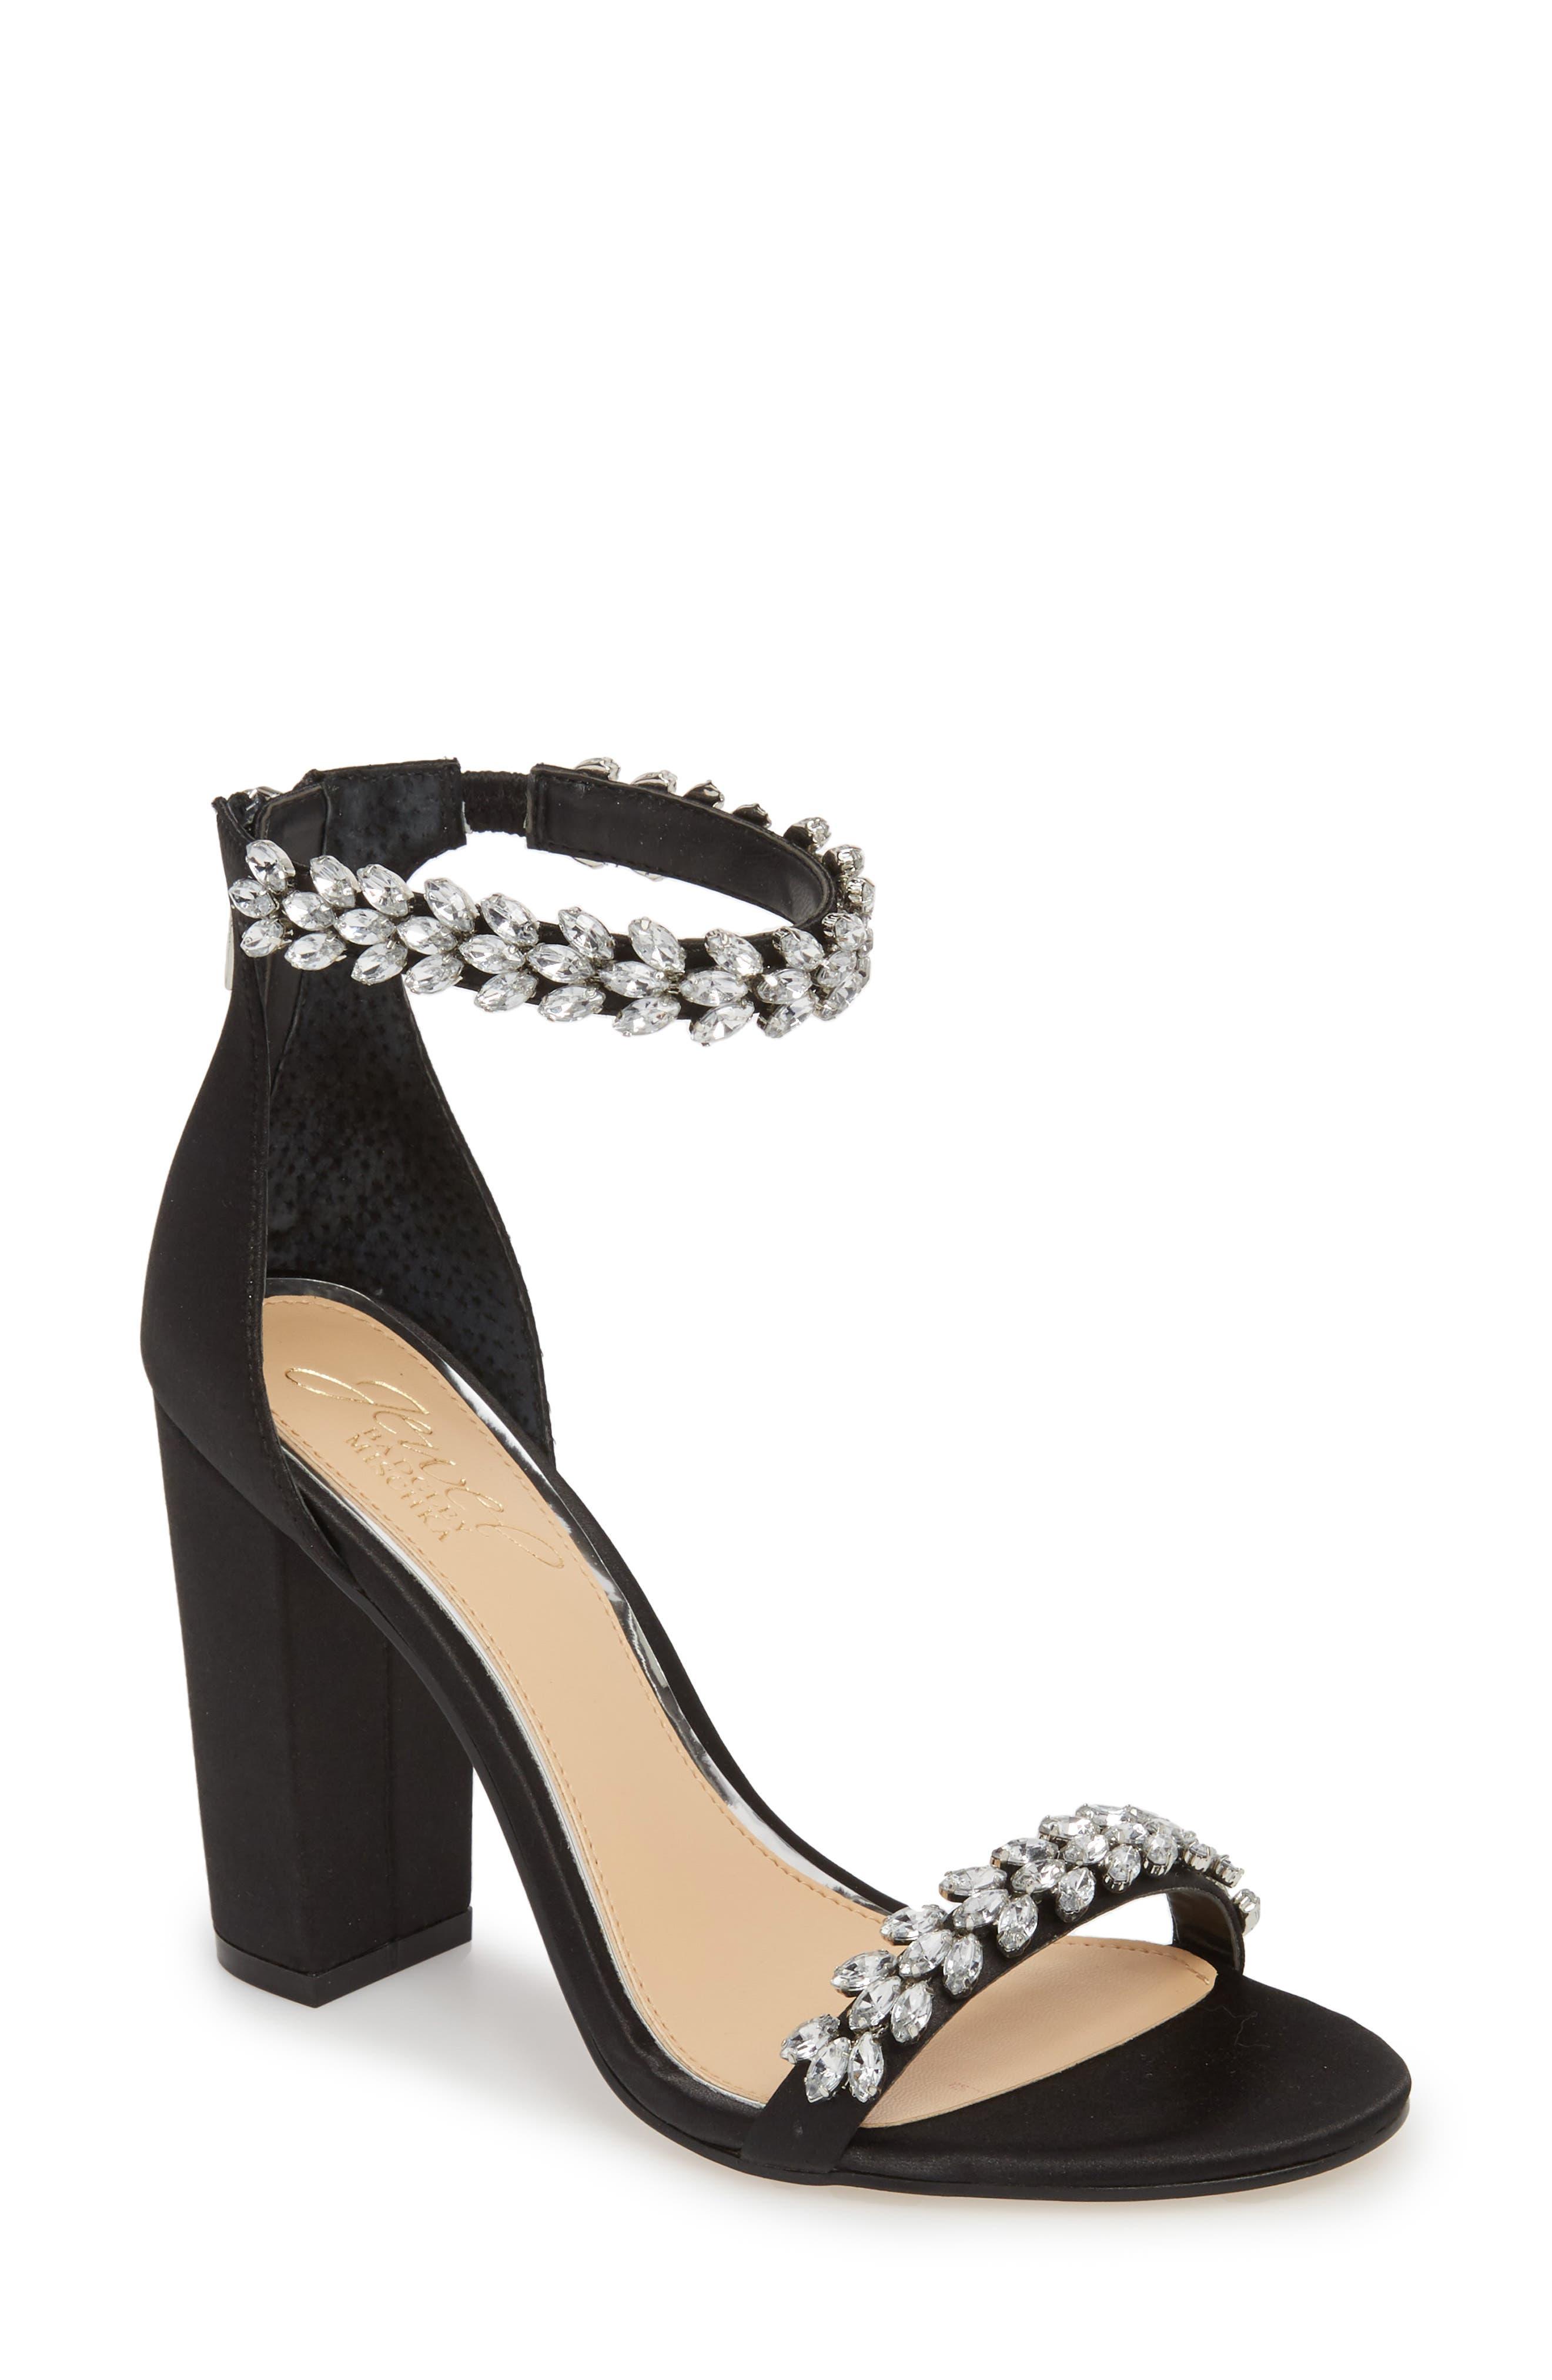 JEWEL BADGLEY MISCHKA Jewel by Badgley Mischka Mayra Embellished Ankle Strap Sandal, Main, color, BLACK SATIN